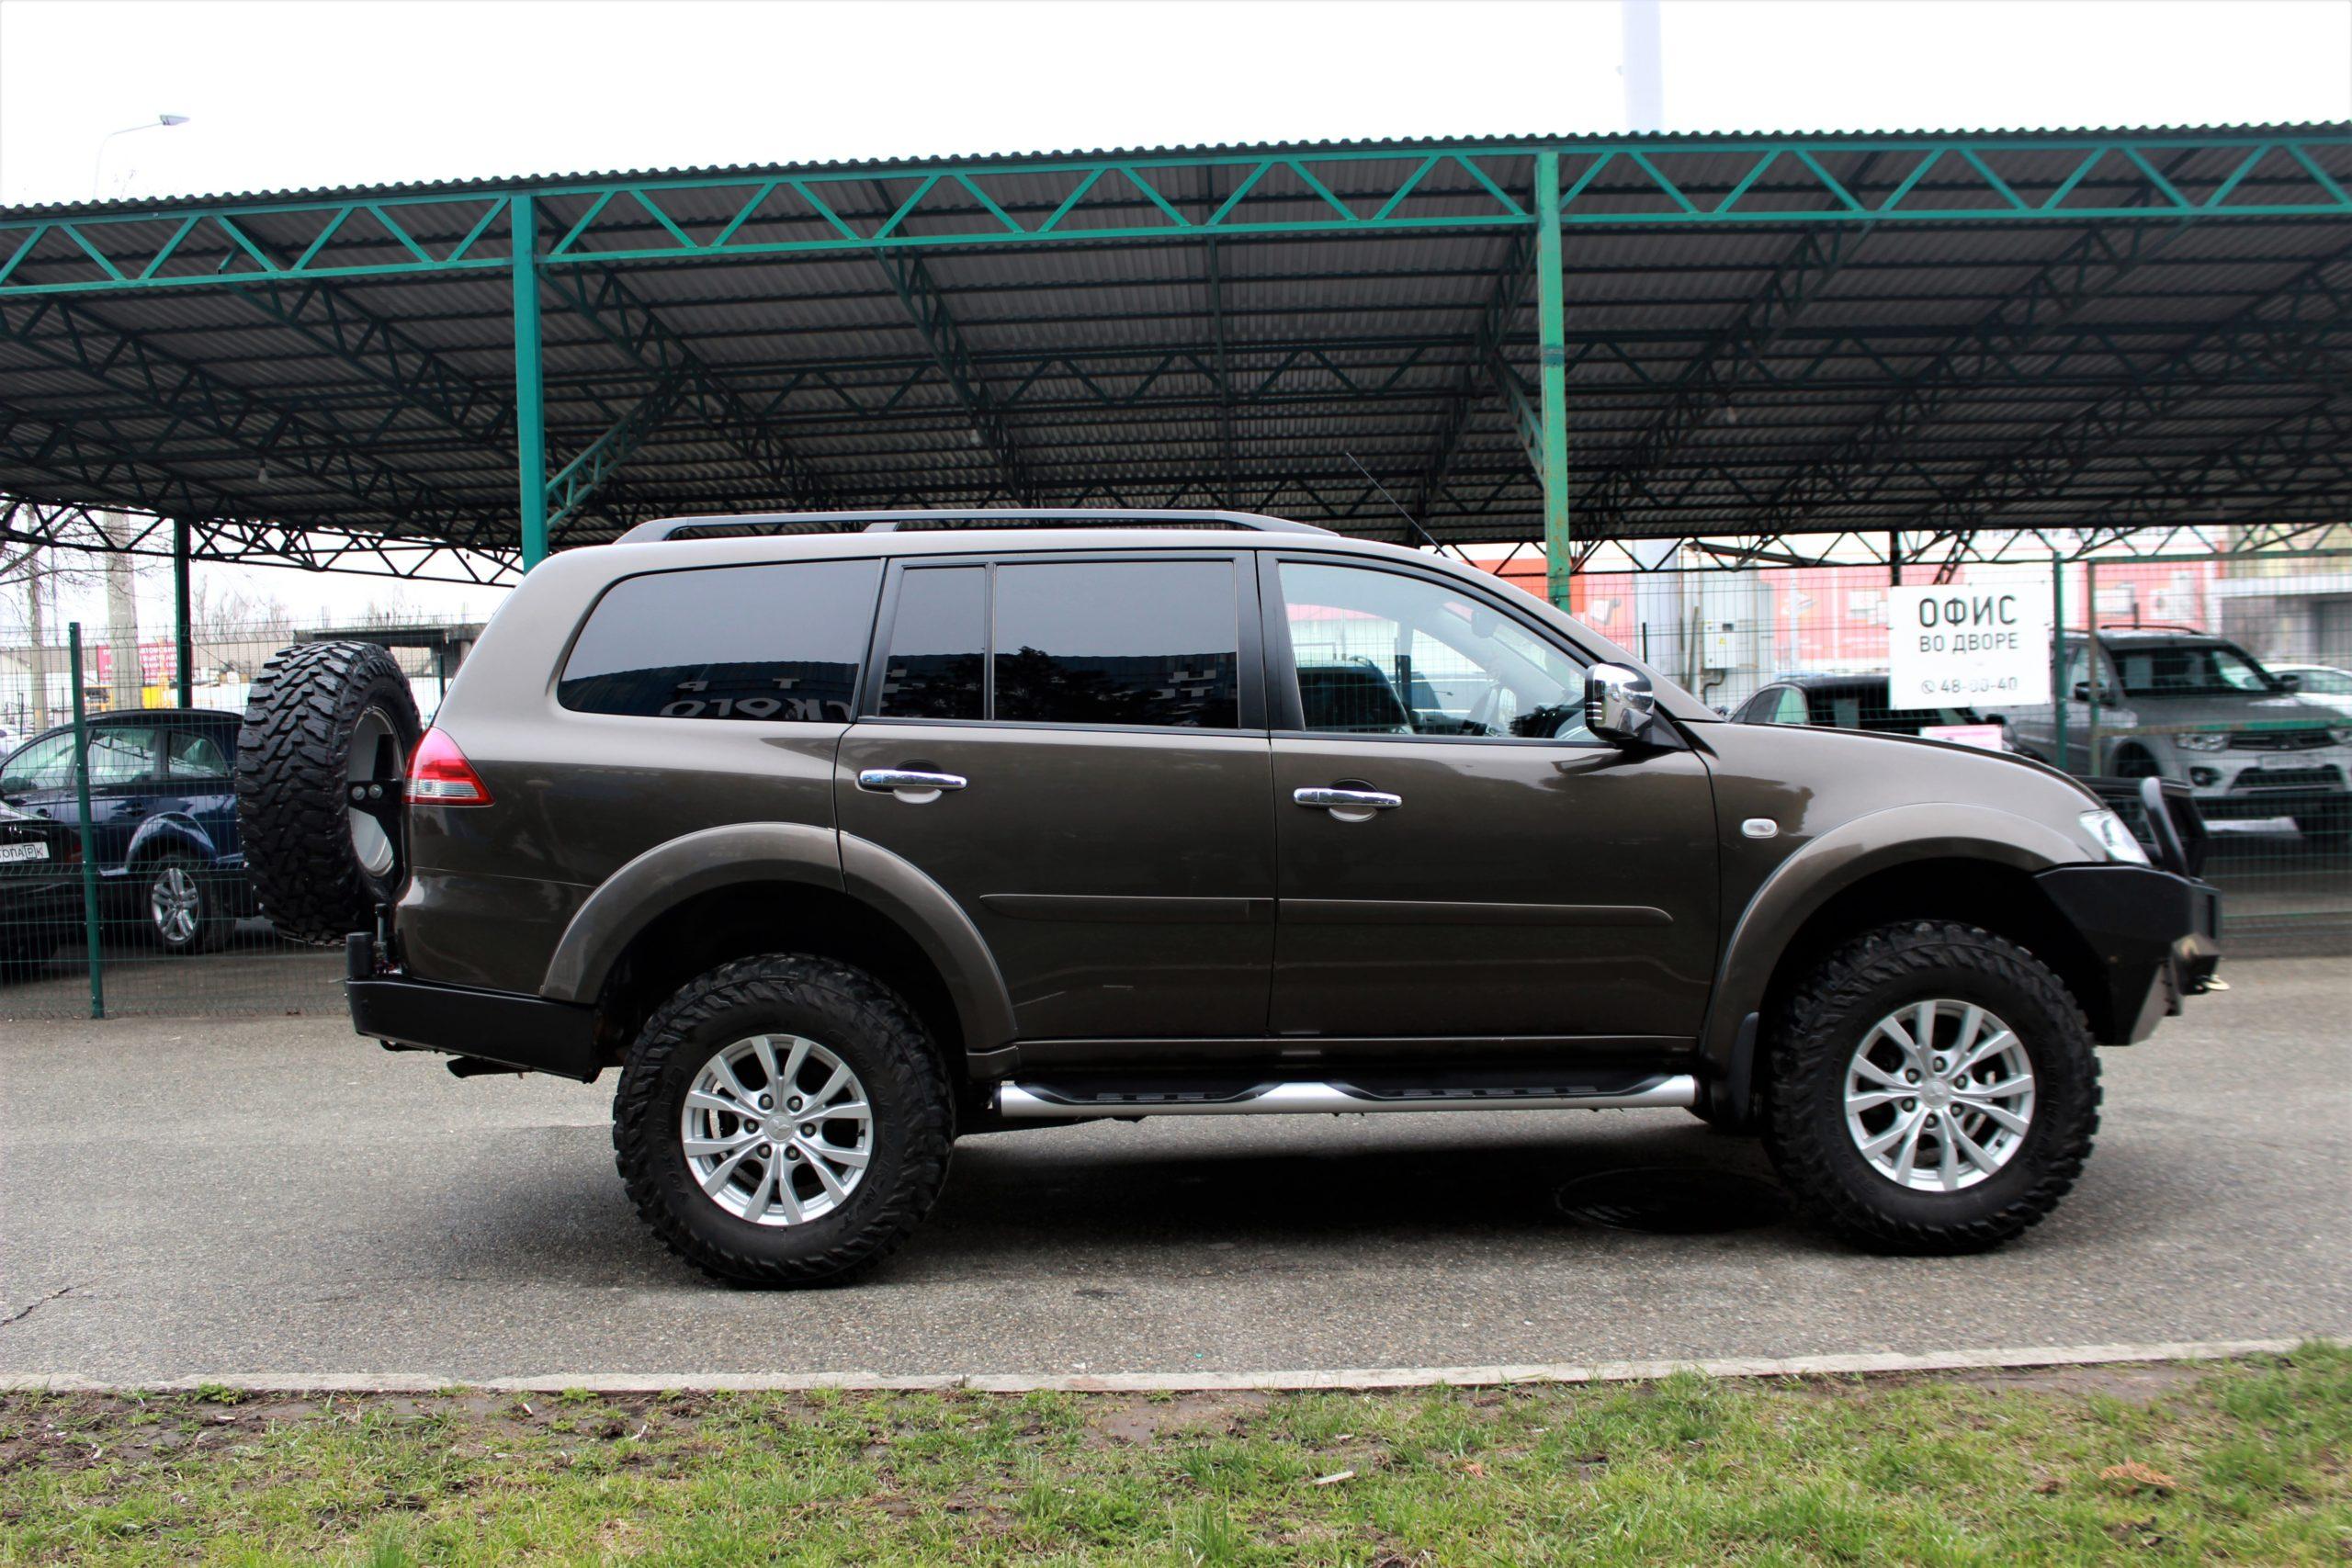 Купить Mitsubishi Pajero Sport (Коричневый ) - Автопарк Ставрополь